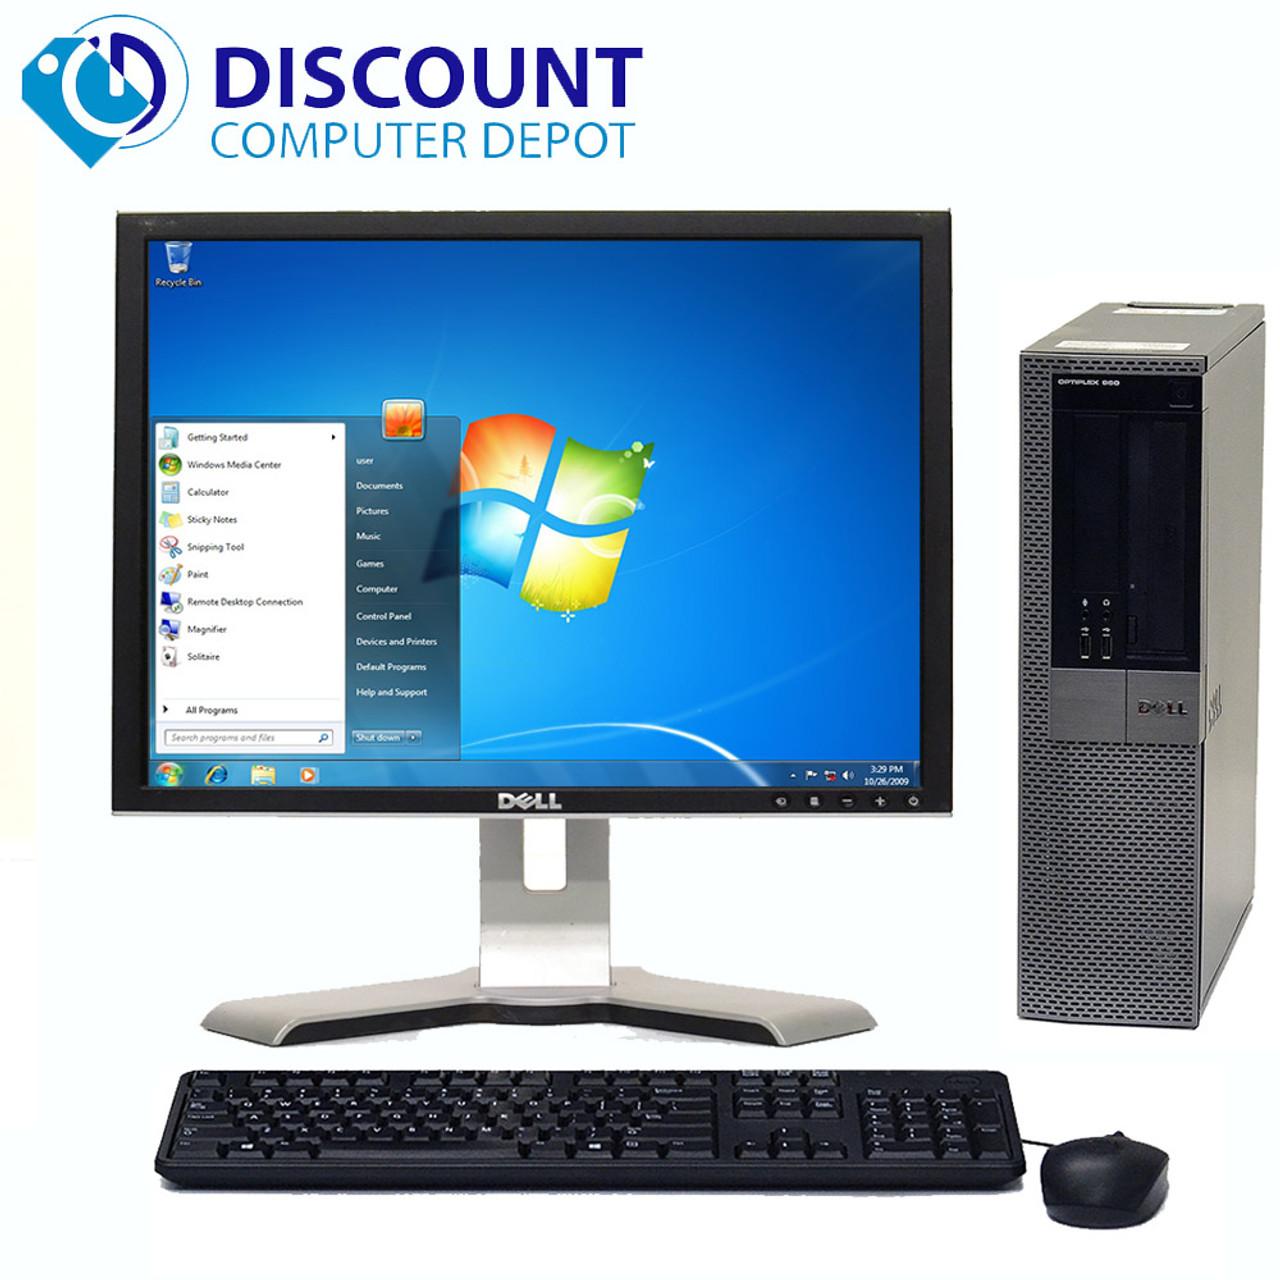 Dell Optiplex 960 Windows 10 Pro Desktop 3 0GHz Core 2 Duo 8GB 1TB 22